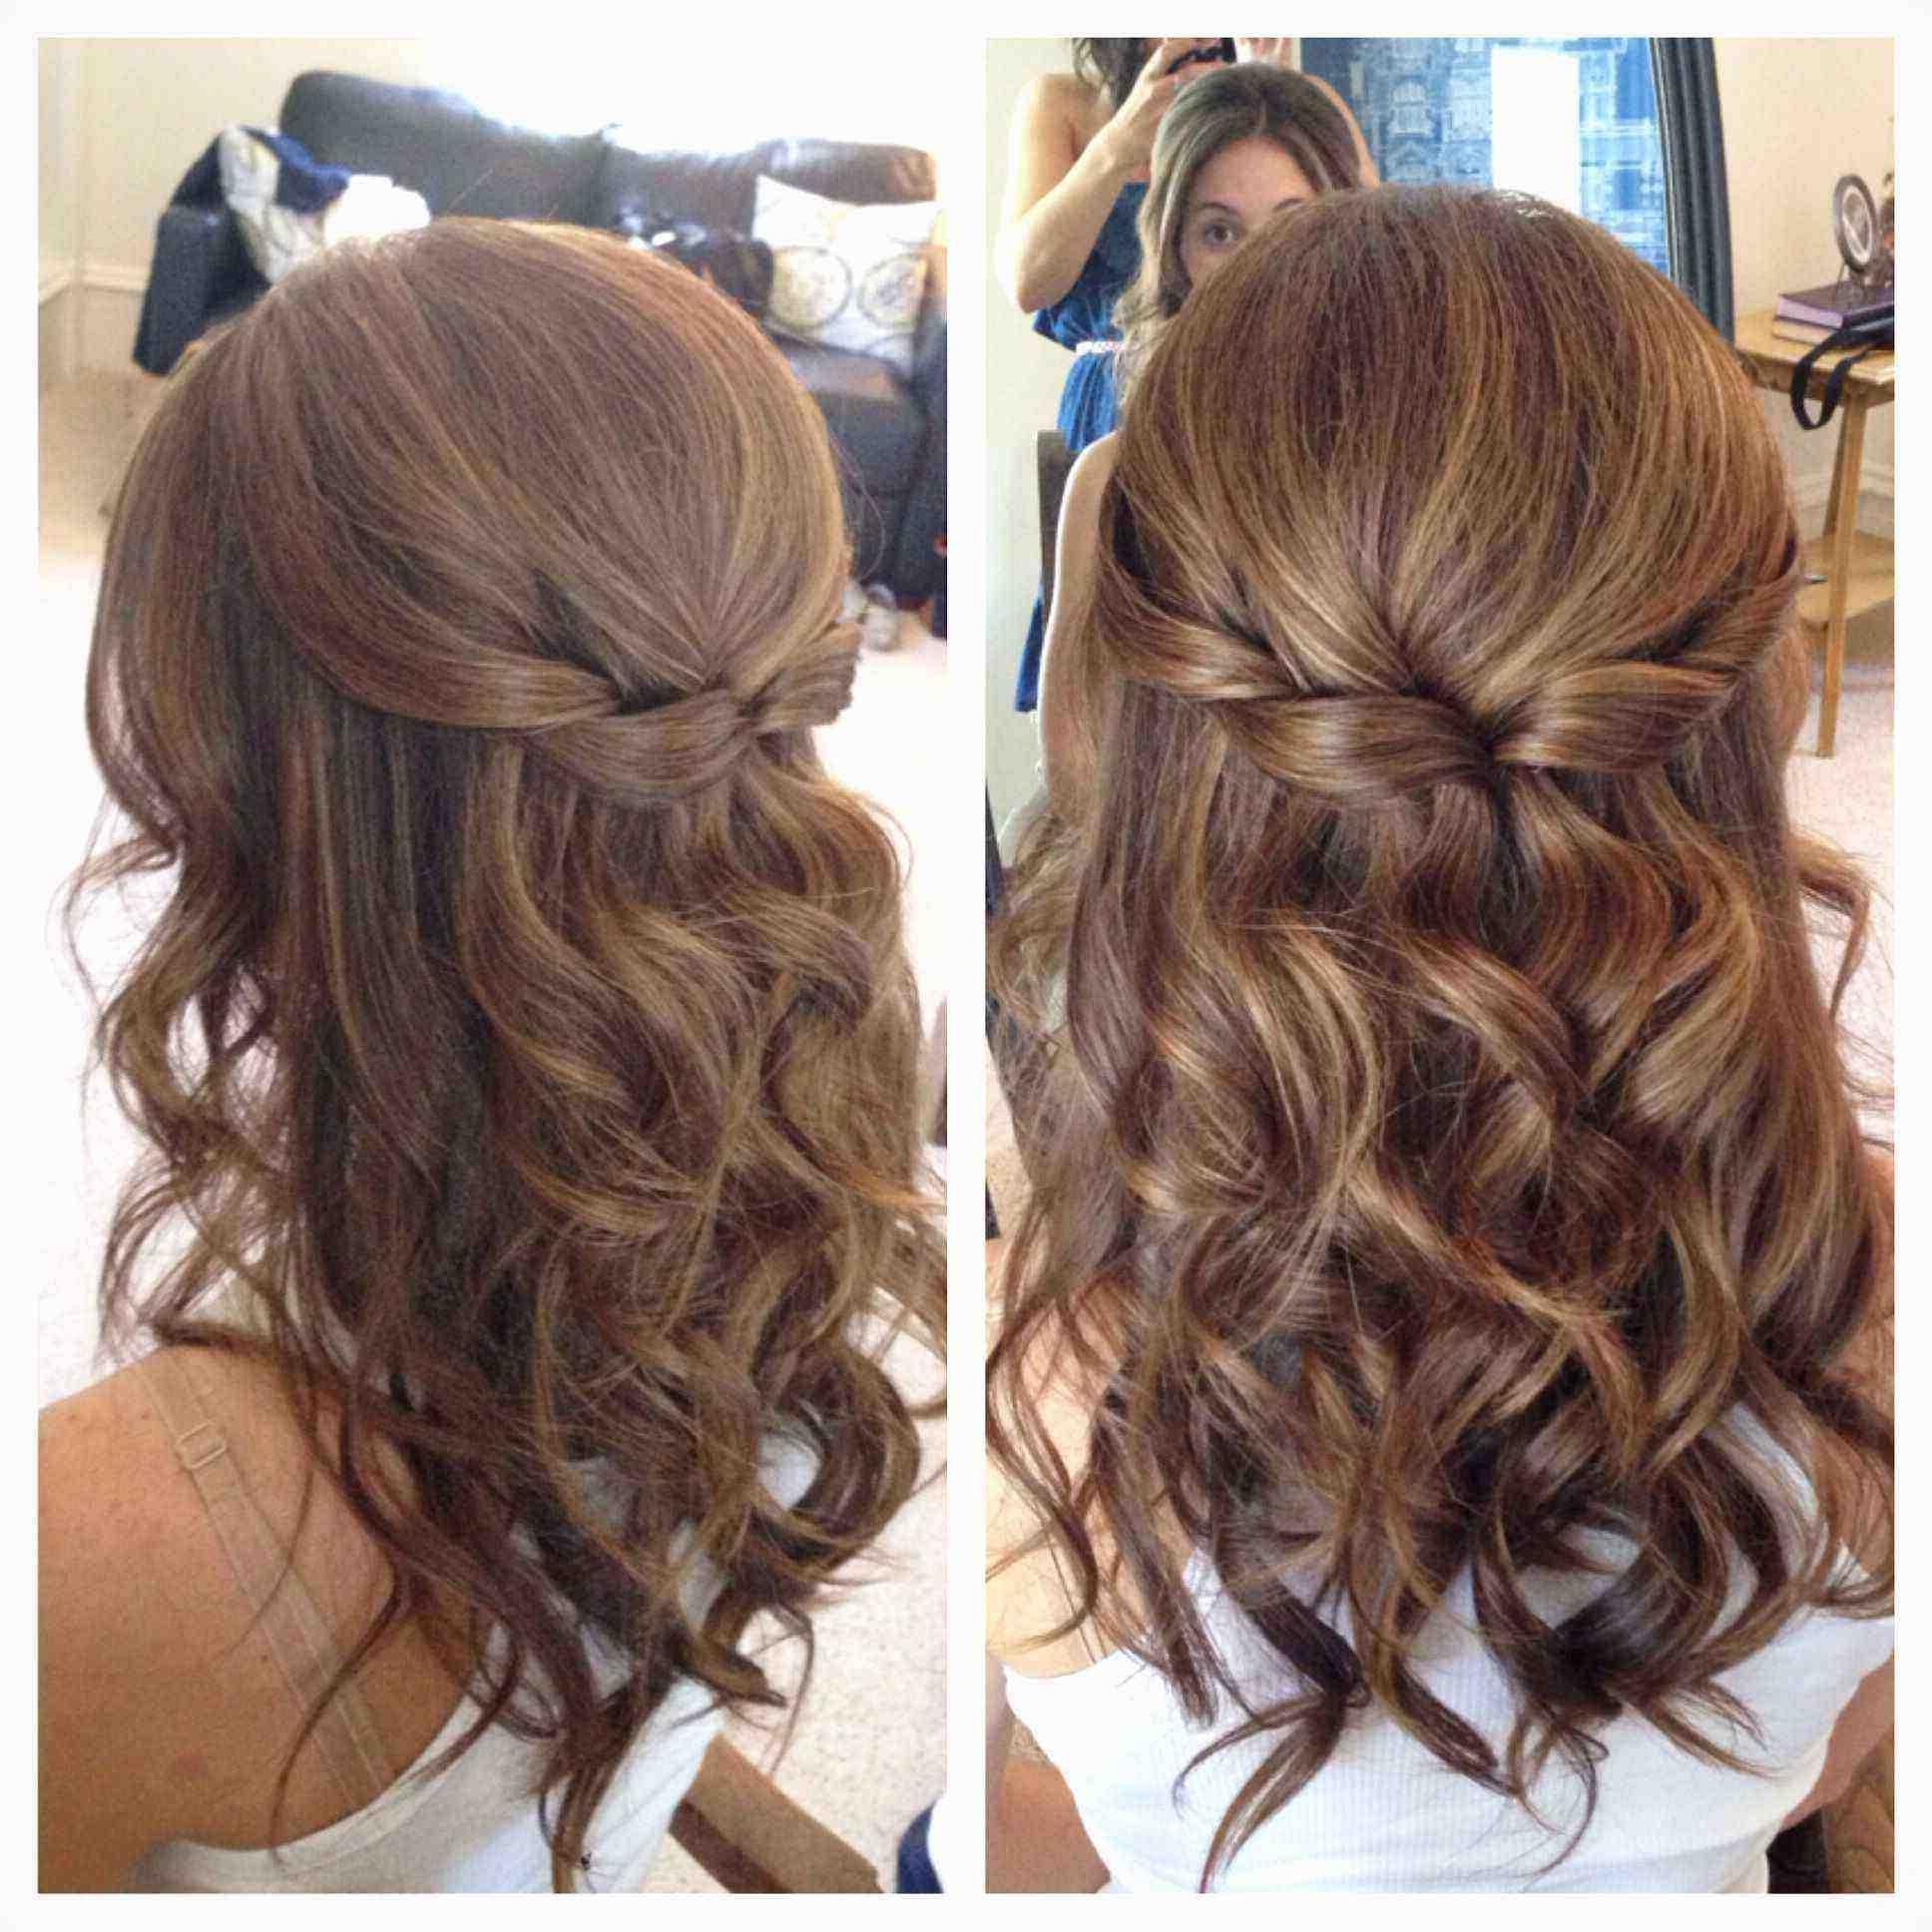 Favorite Simple Wedding Hairstyles For Shoulder Length Hair Within Easy Wedding Hairstyles For Medium Length Hair Elegant Simple (View 9 of 15)